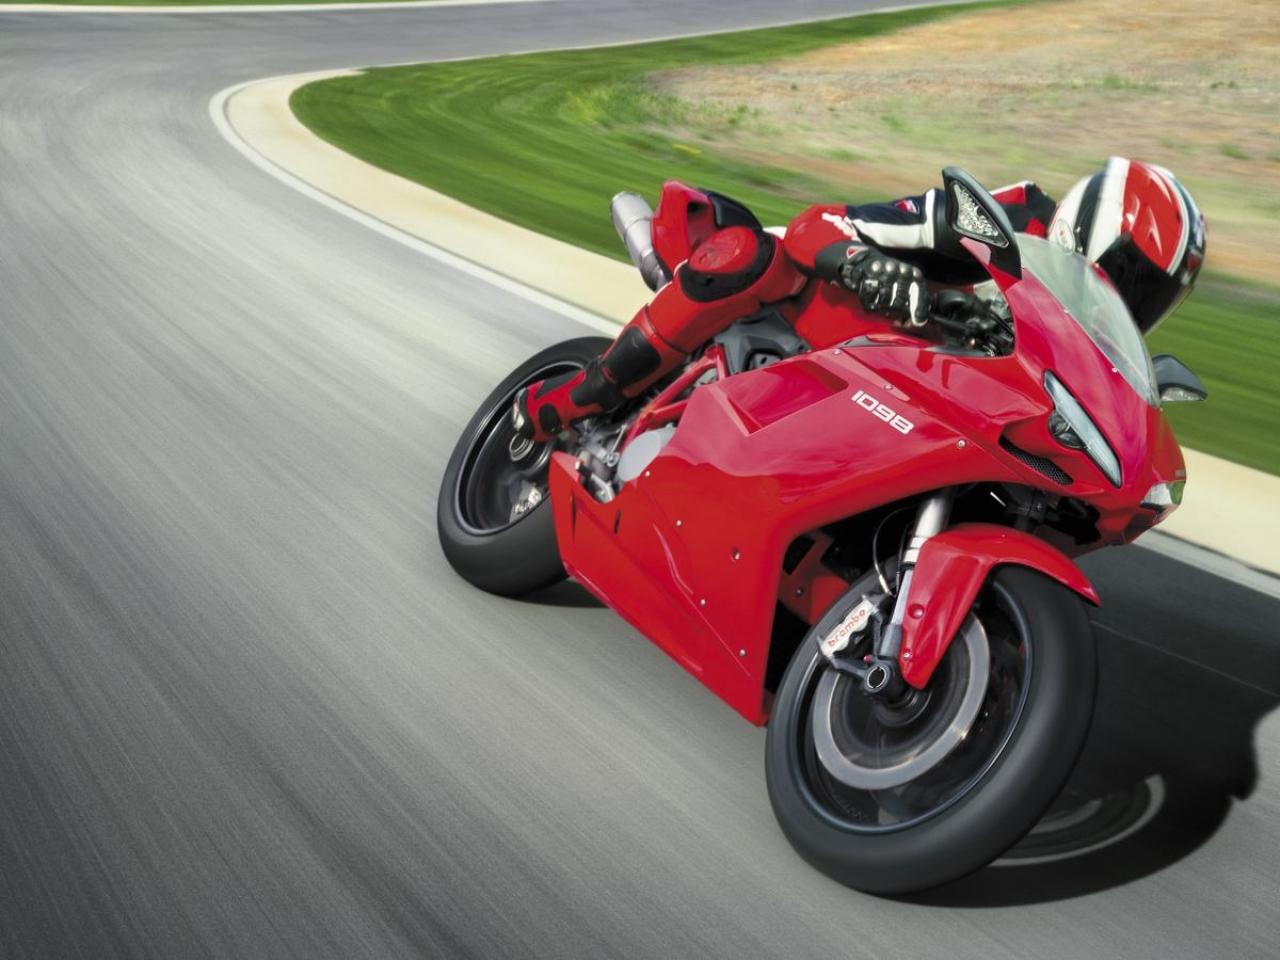 Moto Ducati color rojo - 1280x960